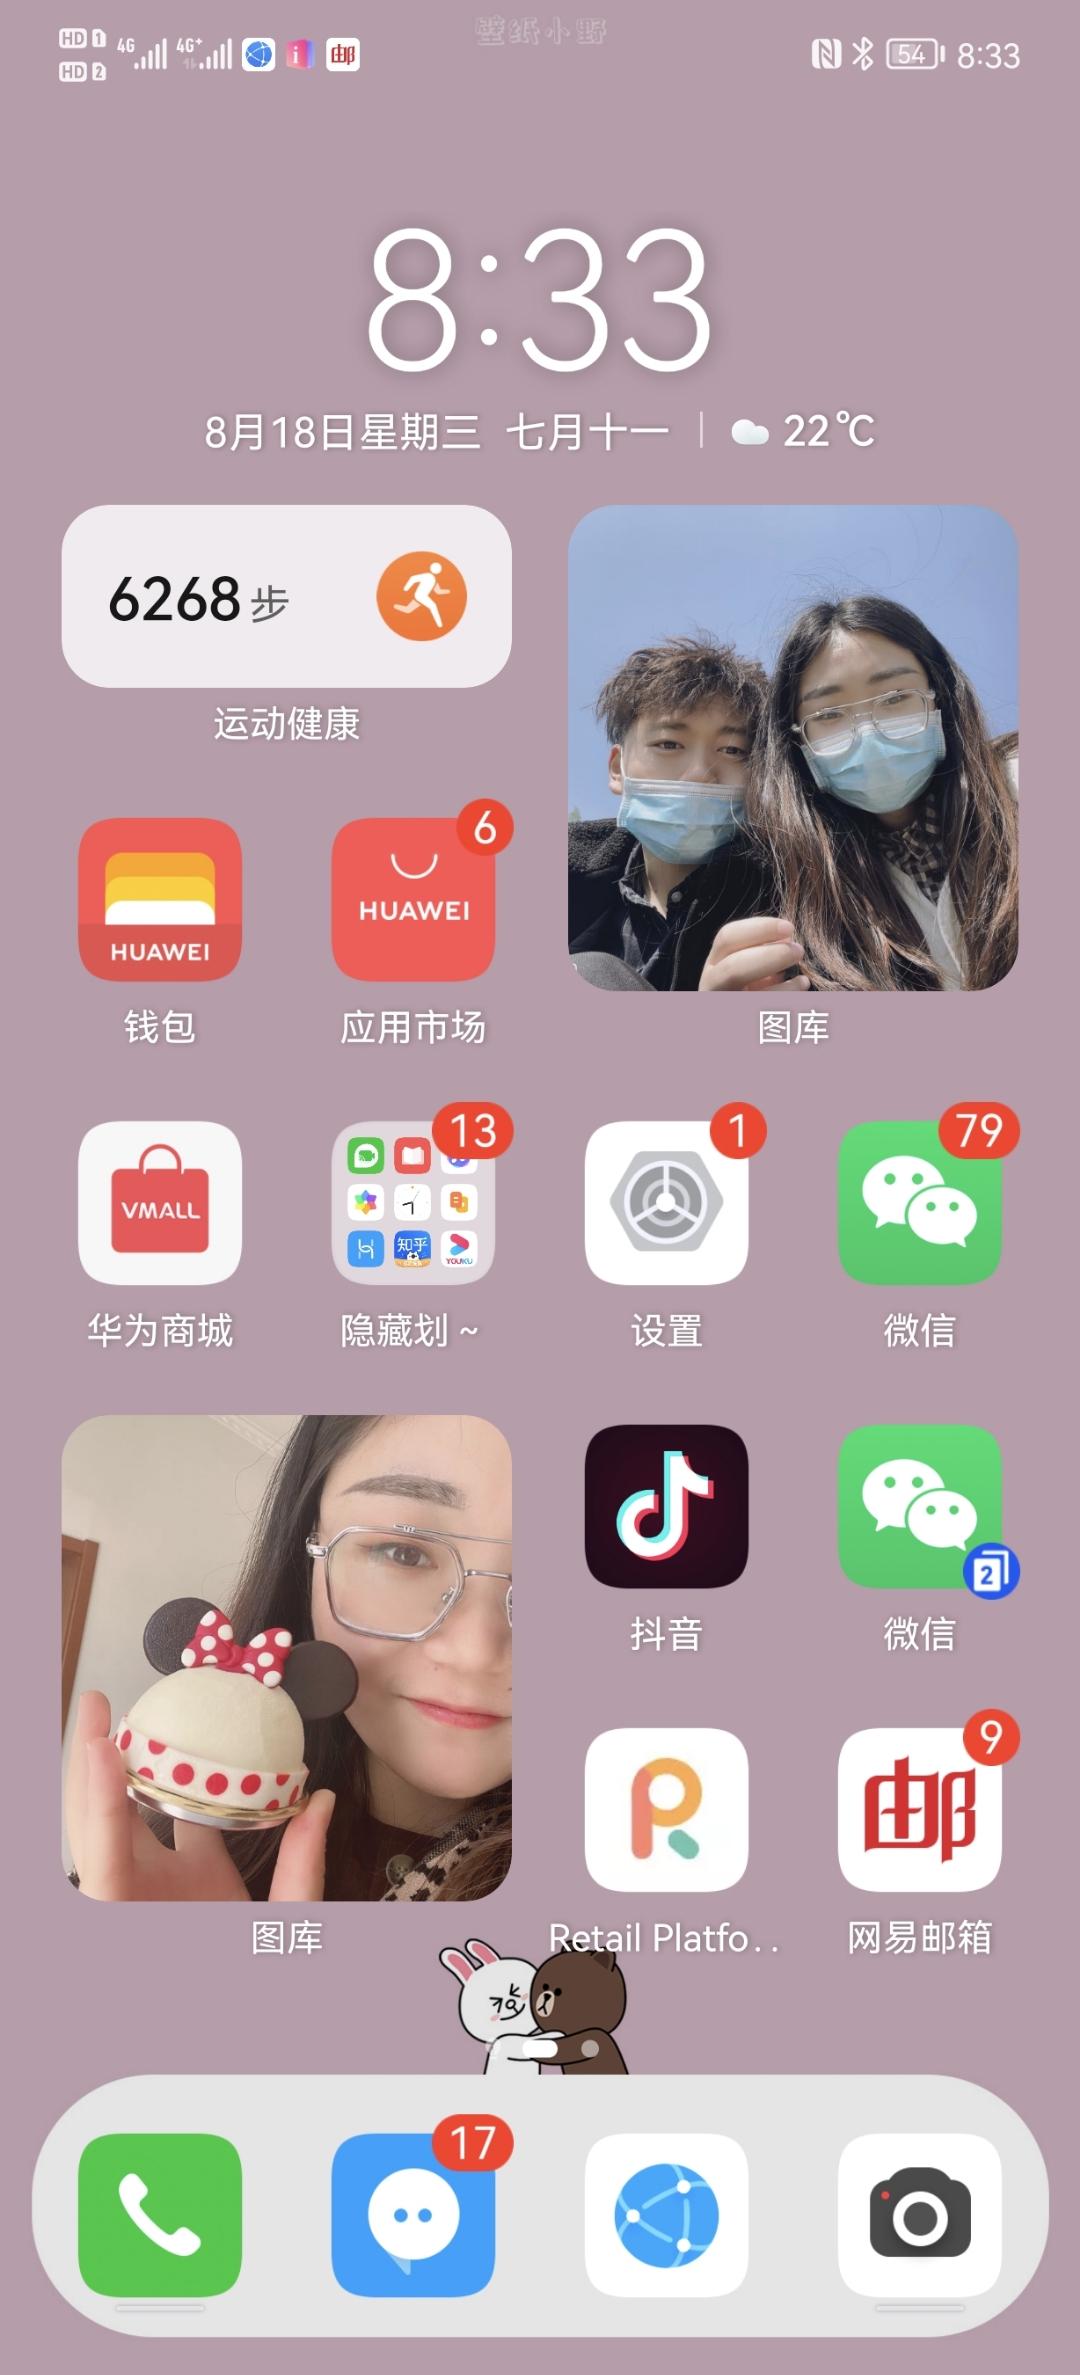 Screenshot_20210818_203320_com.huawei.android.launcher.jpg